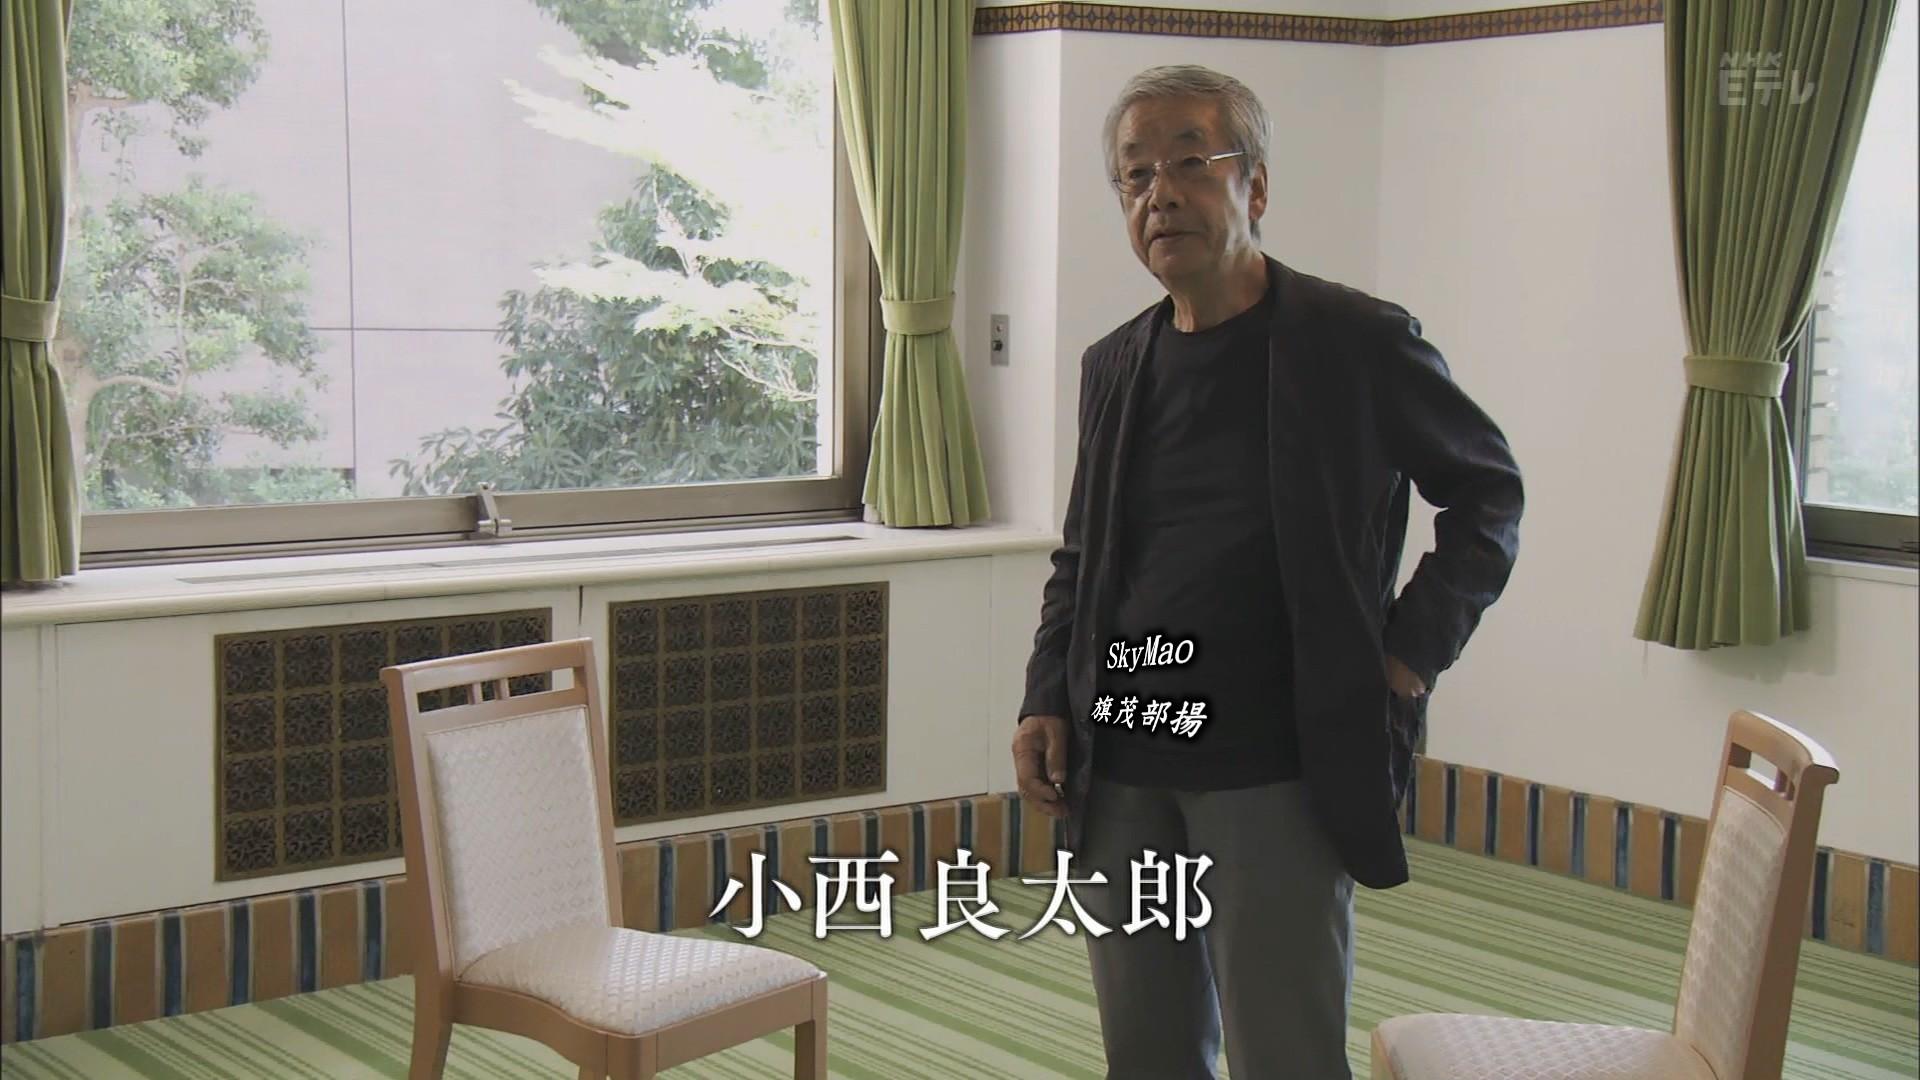 2017.09.23 全場(いきものがかり水野良樹の阿久悠をめぐる対話).ts_20170924_022421.523